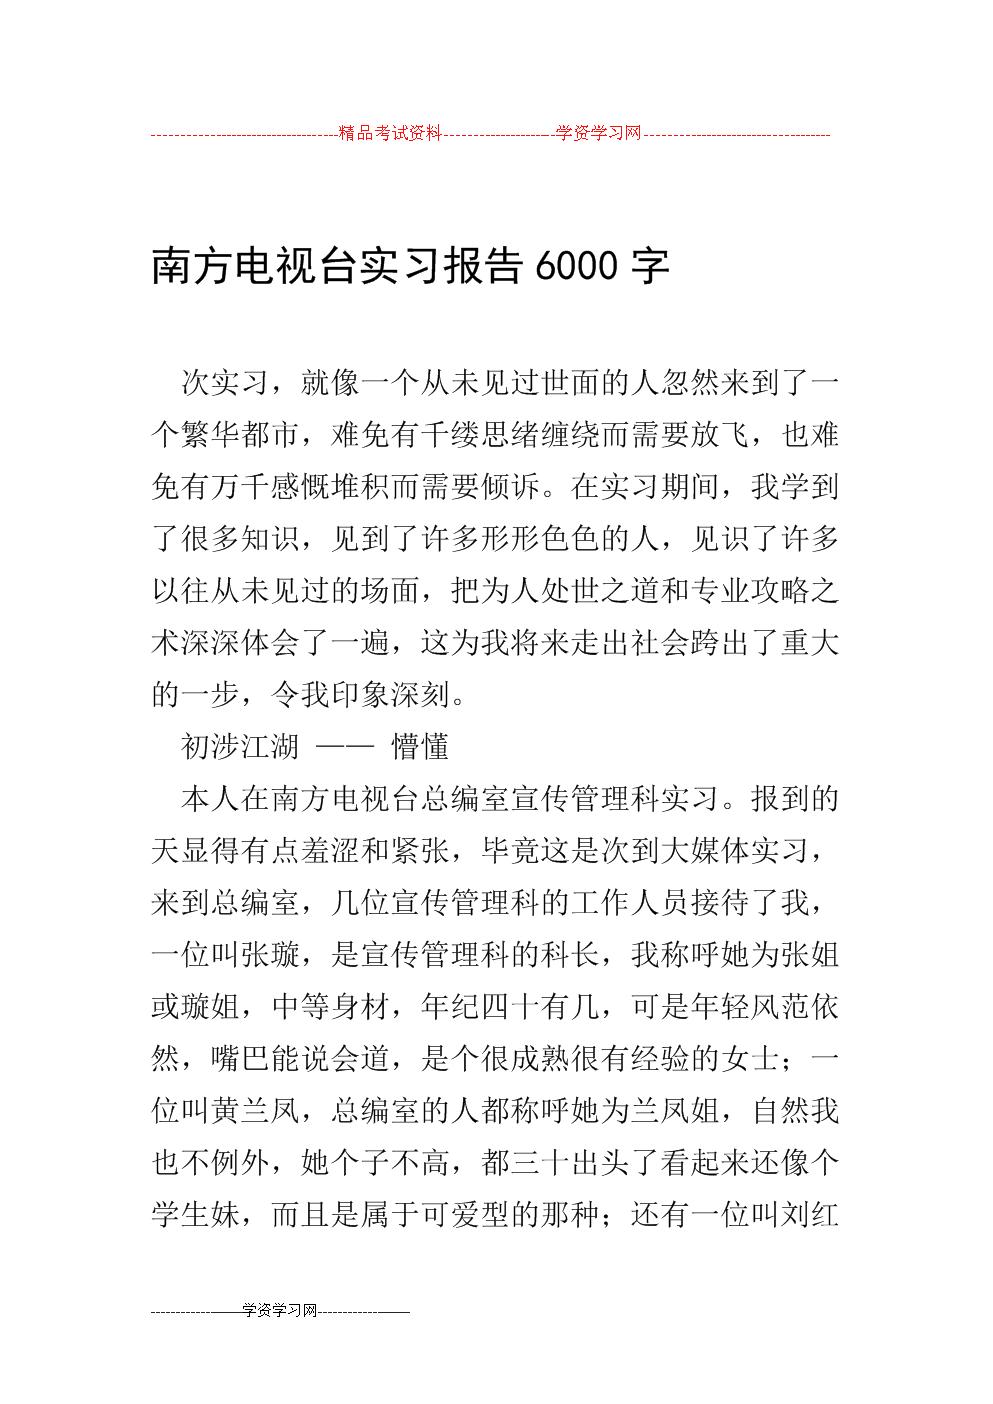 南方电视台实习报告6000字.doc